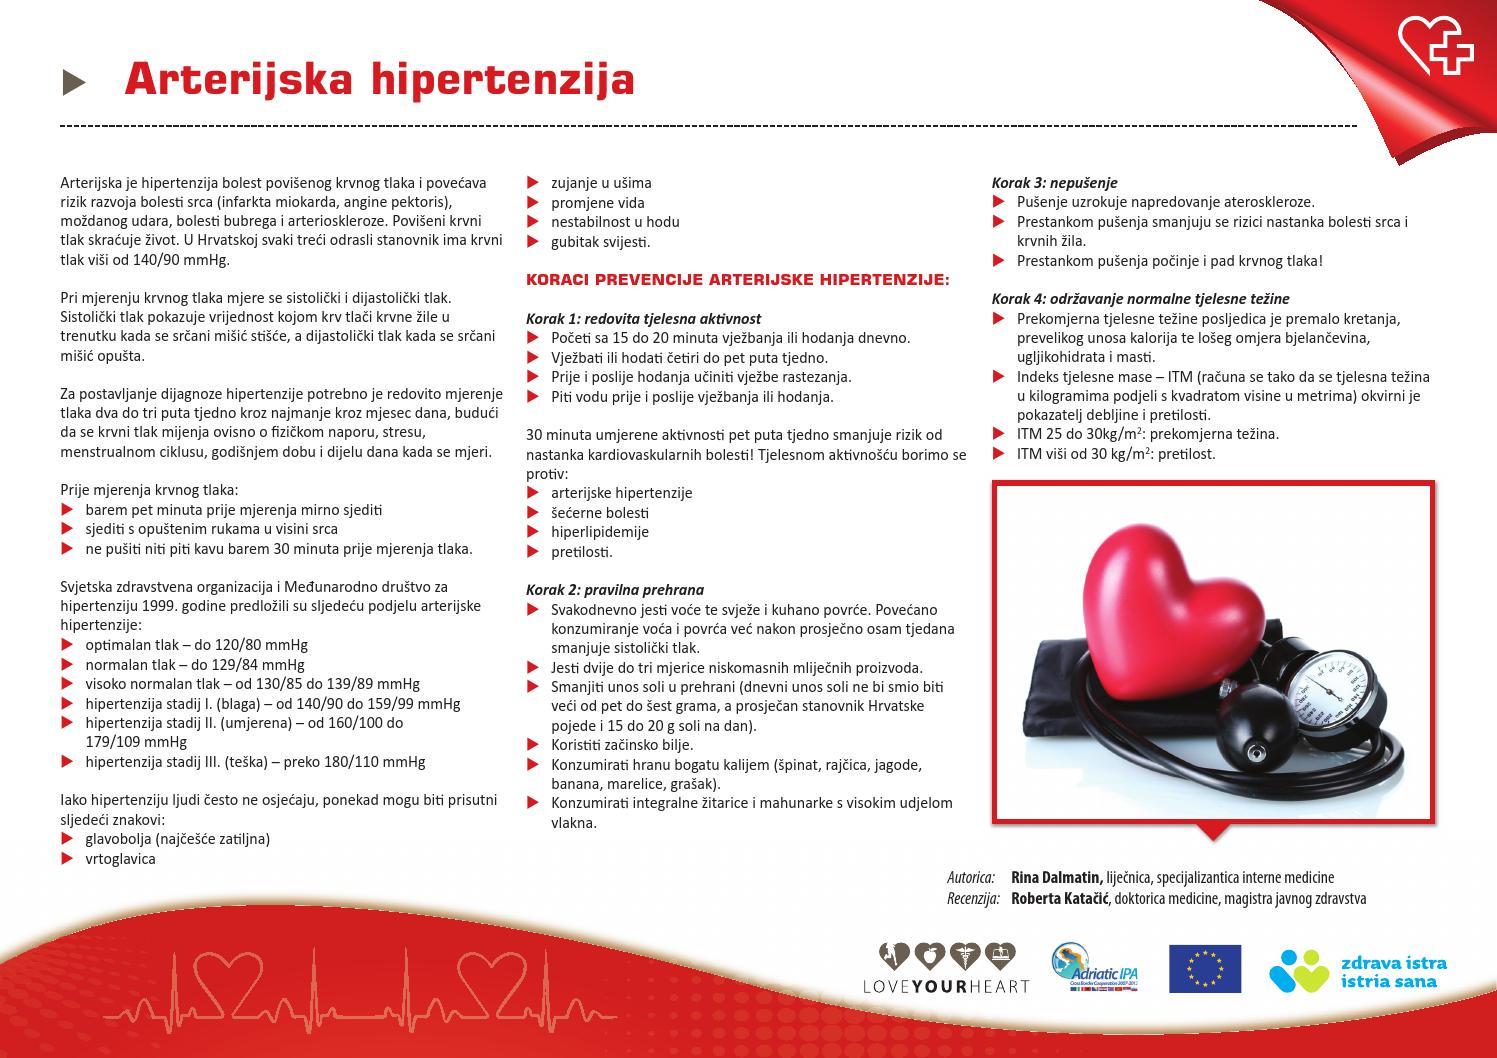 hipertenzije, infarkta